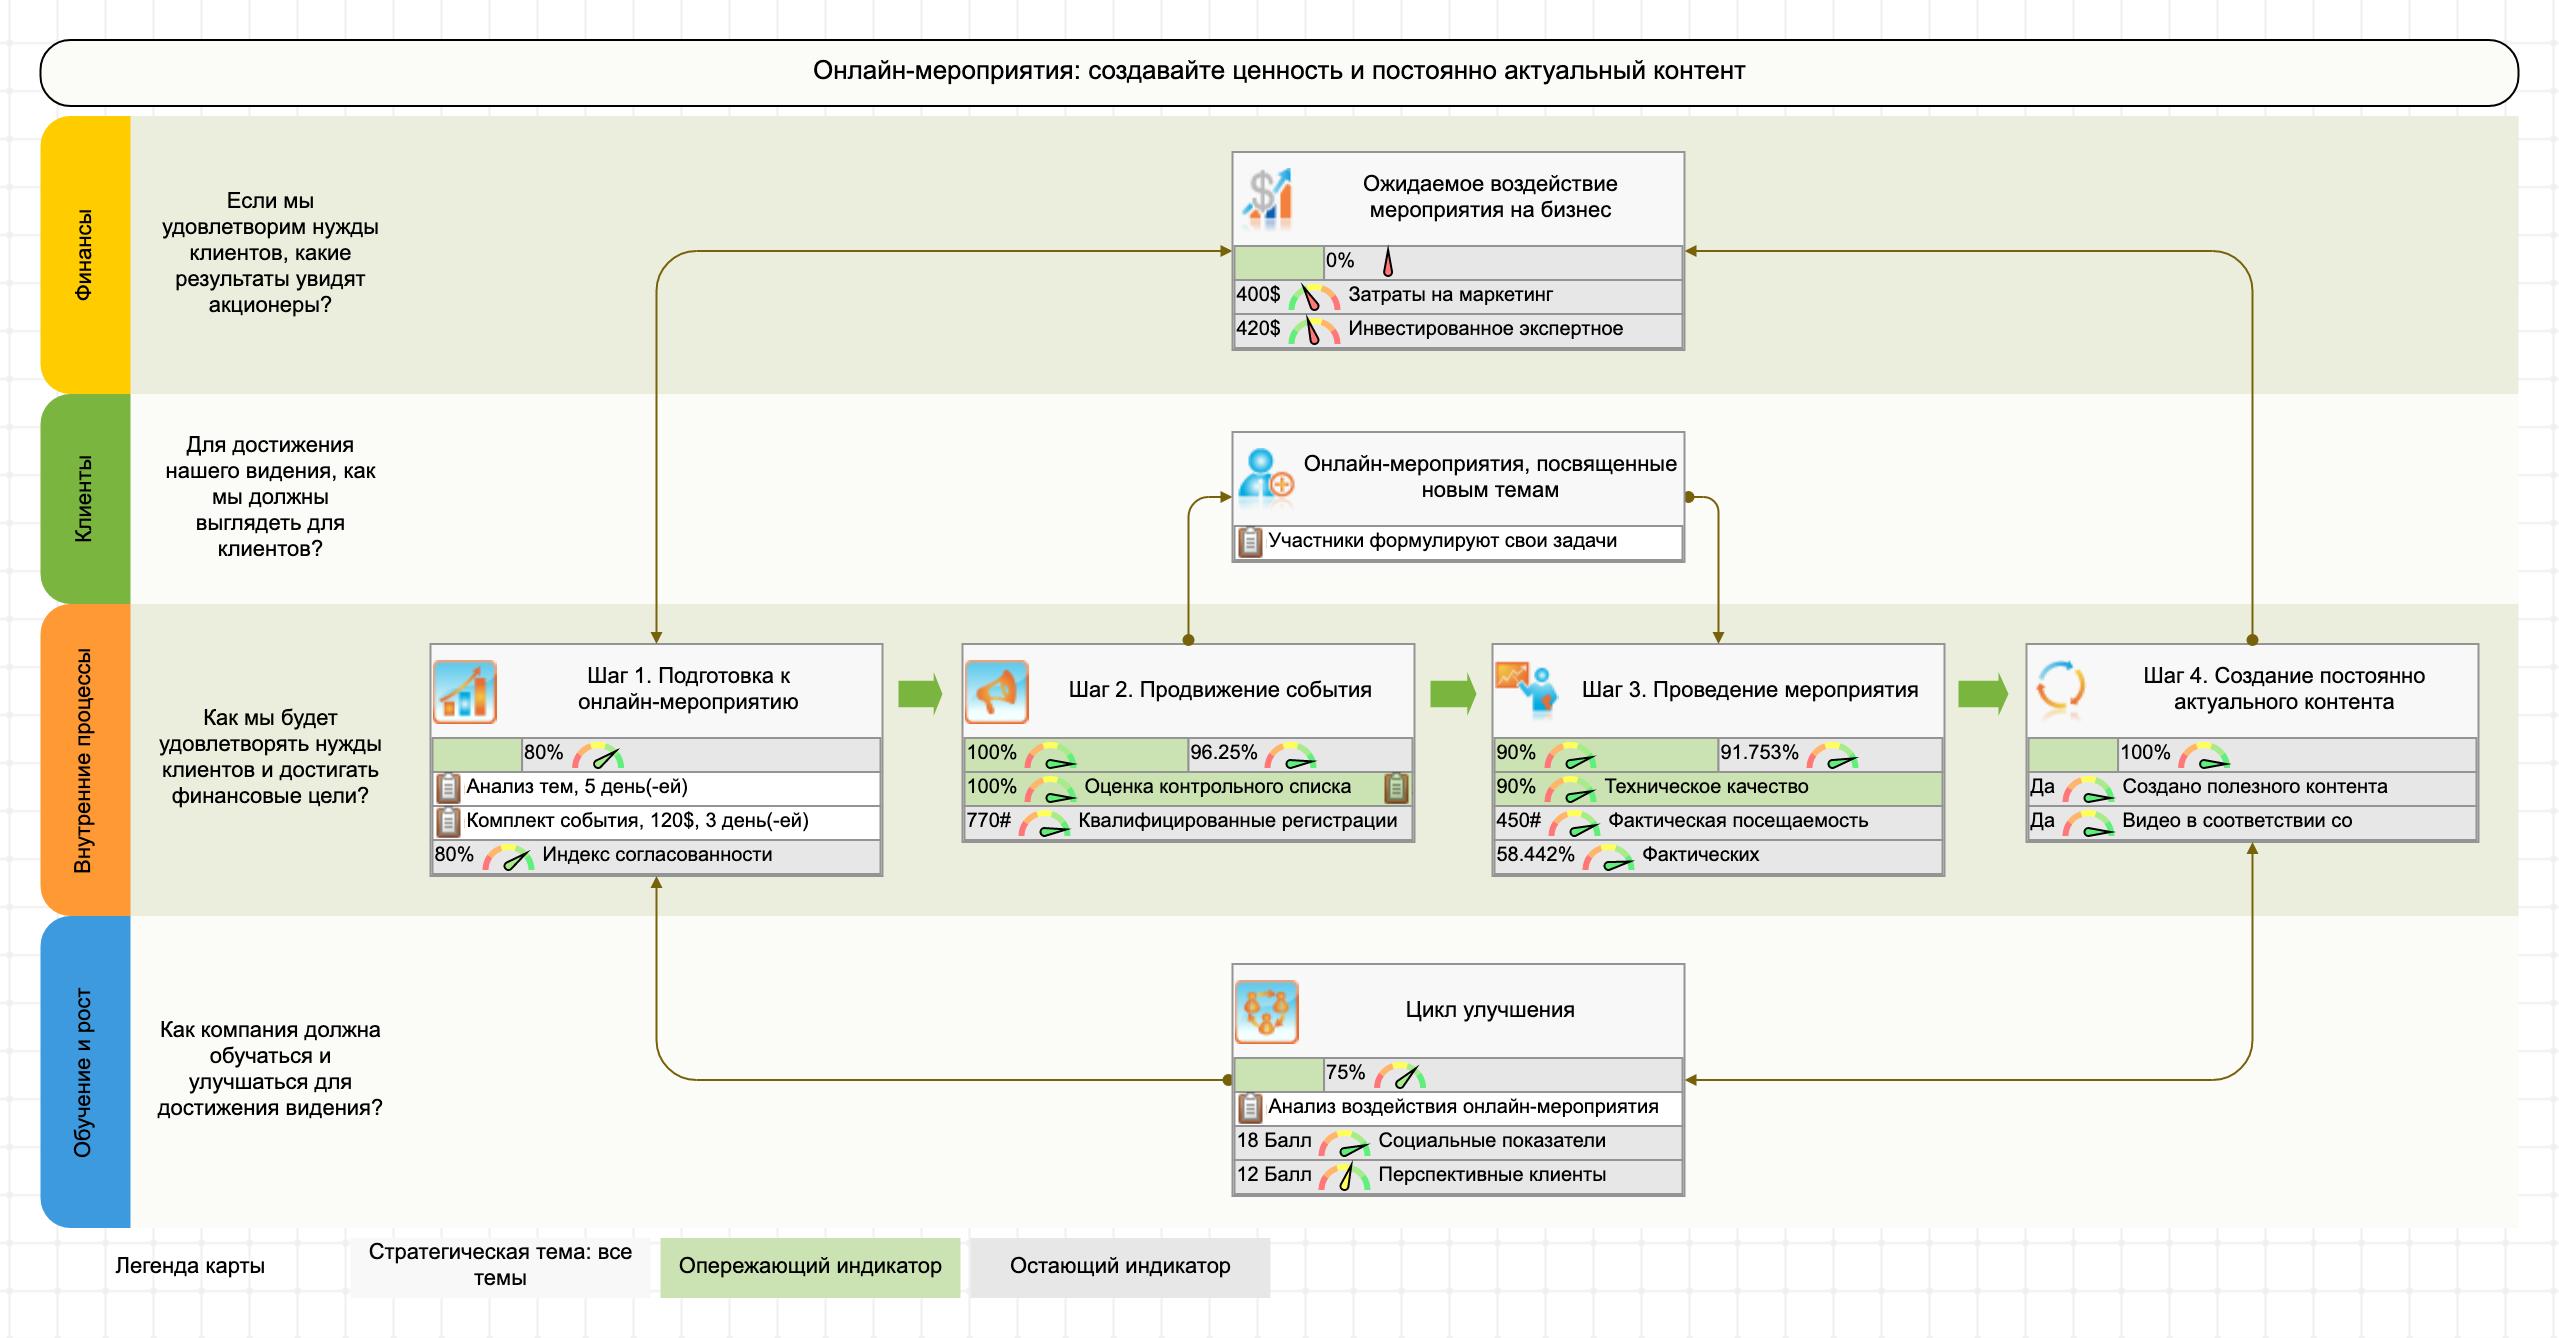 Карта процессов онлайн-мероприятия